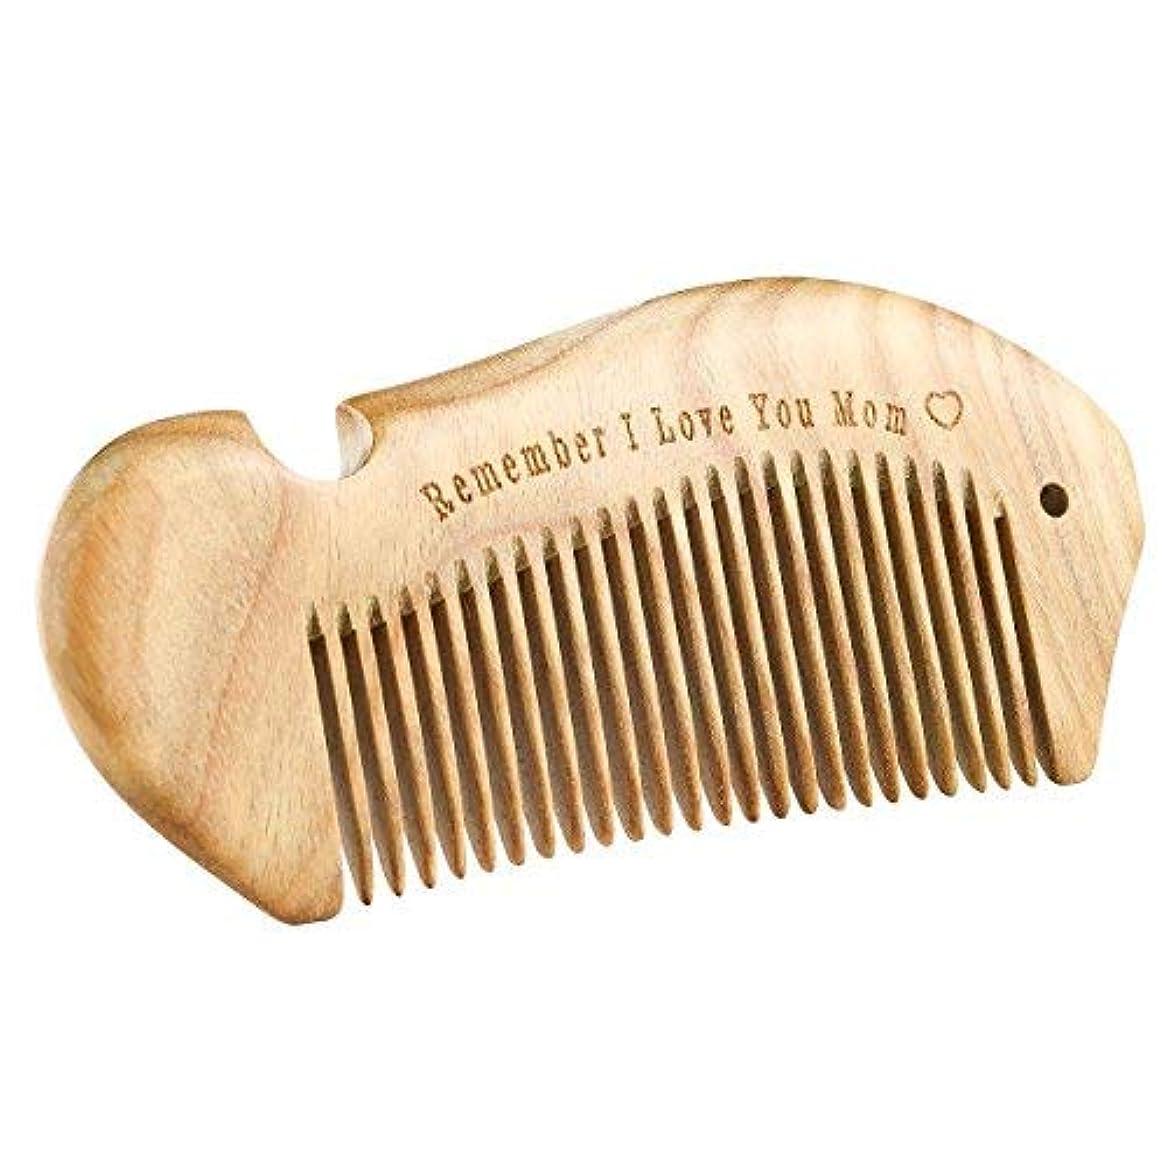 役立つヘリコプター残酷なi.VALUX Handmade Sandalwood Hair Comb,No Static Natural Aroma Wood Comb for Curly Hair [並行輸入品]